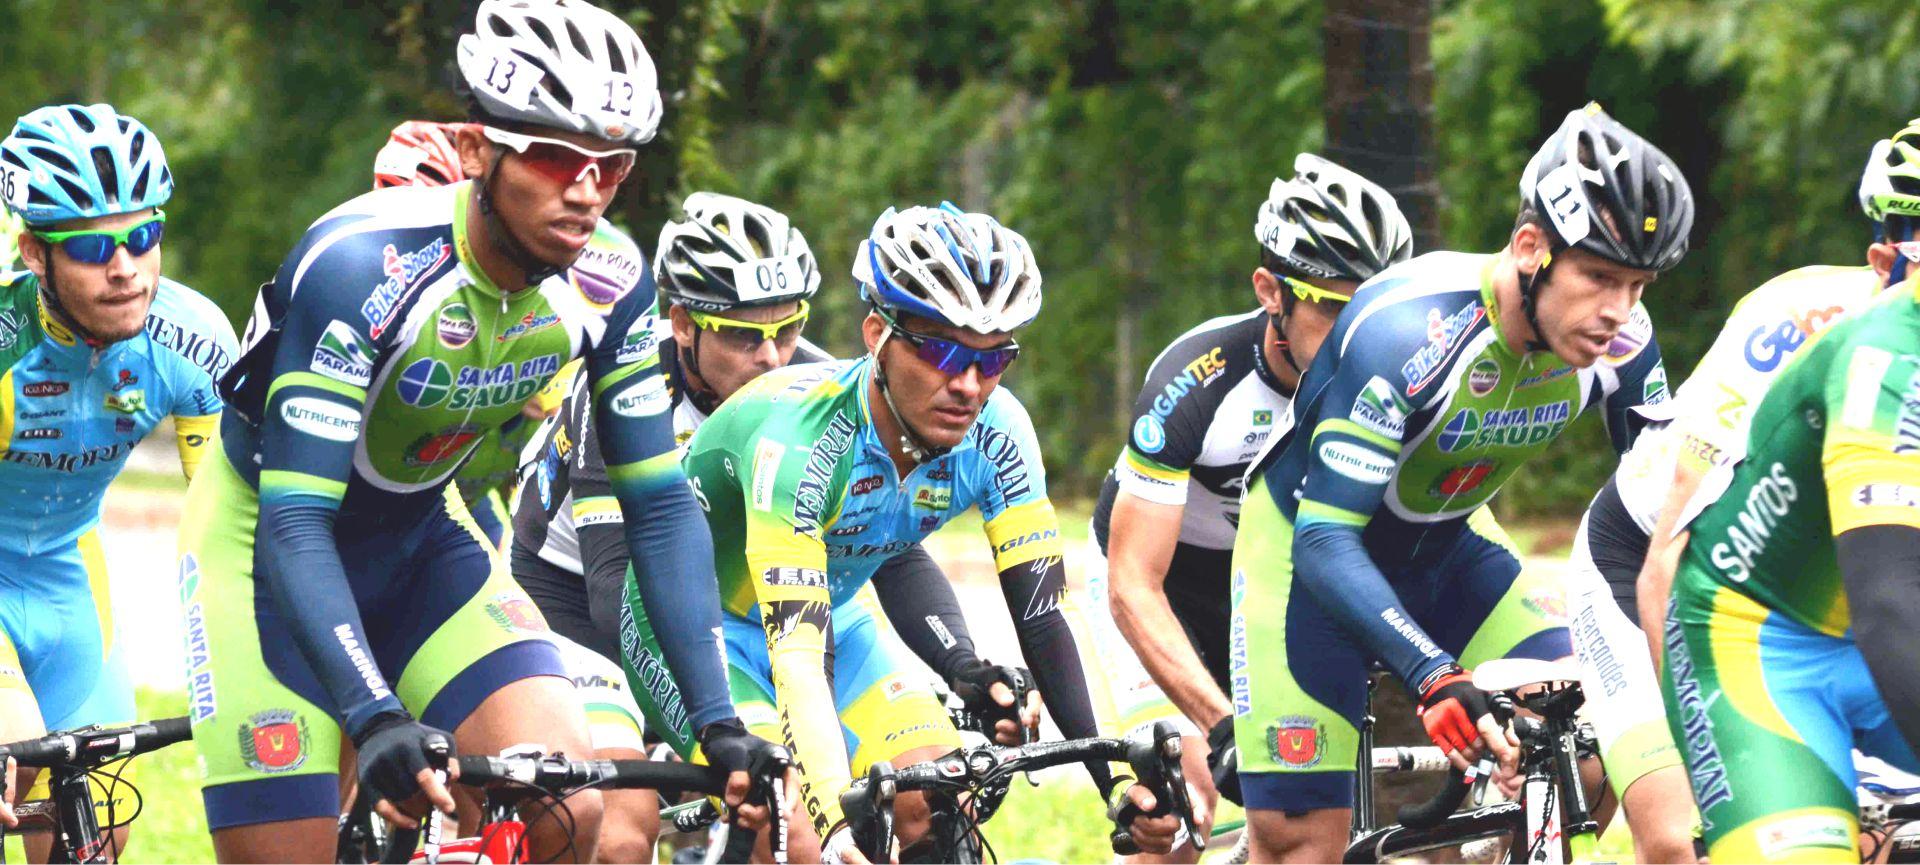 sistime-copa-cidade-cancao-de-ciclismo01-2016